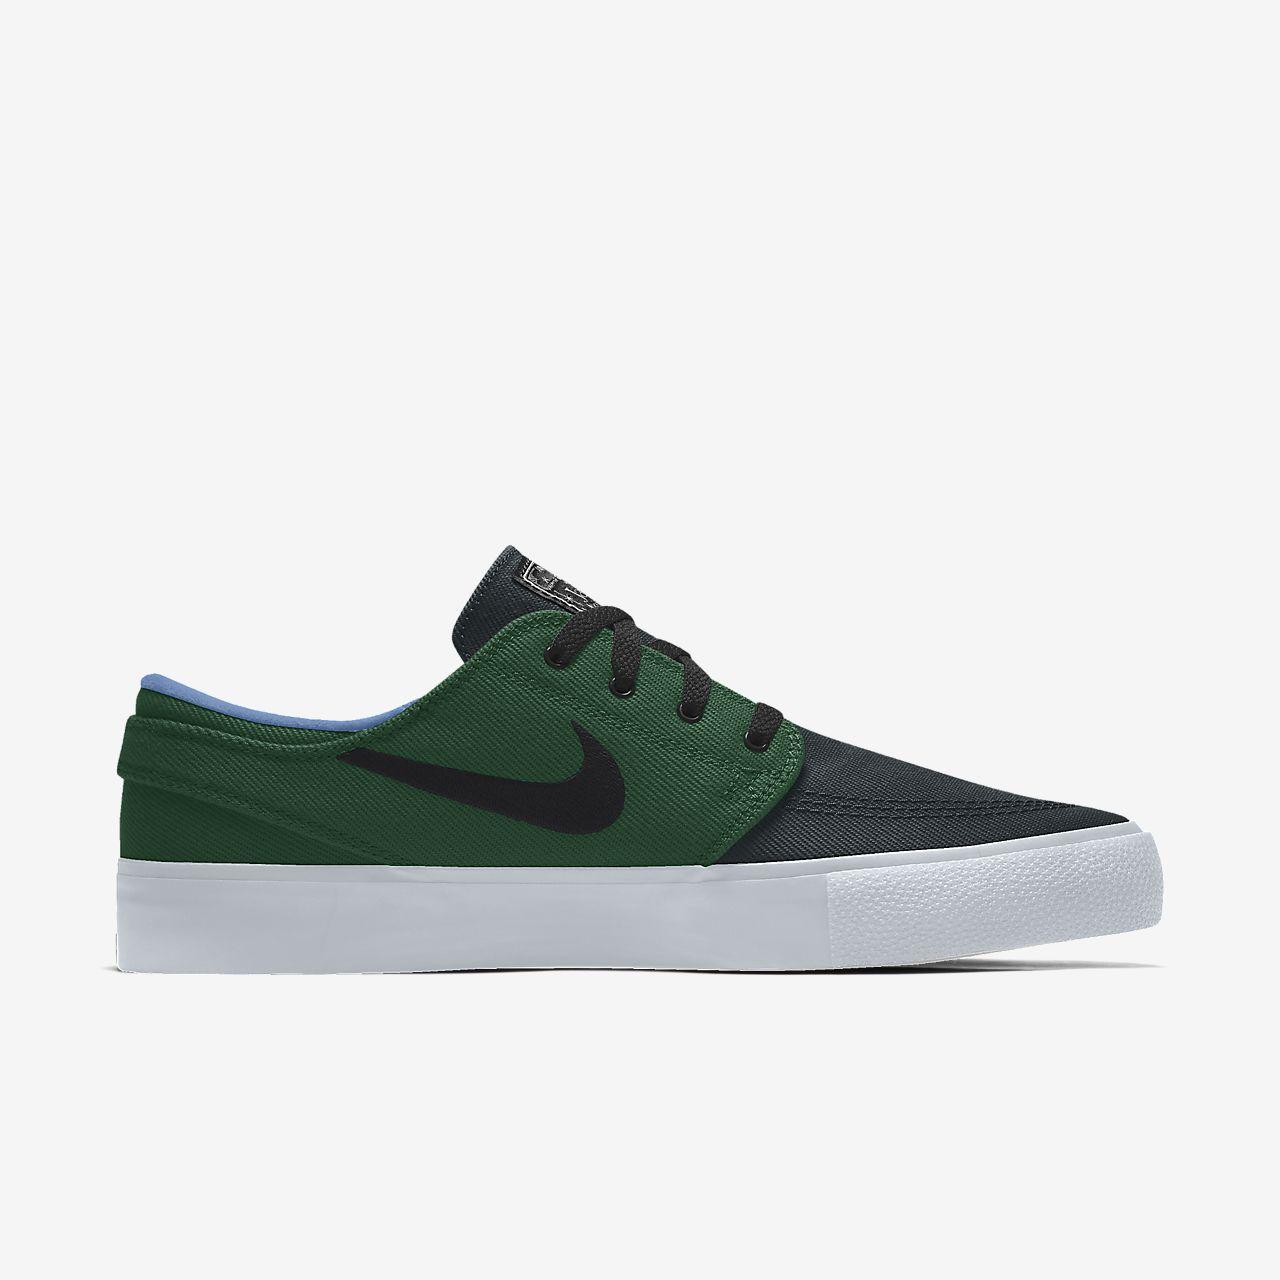 2020 populära märken Nike Skor Män Nike Sb Zoom Stefan